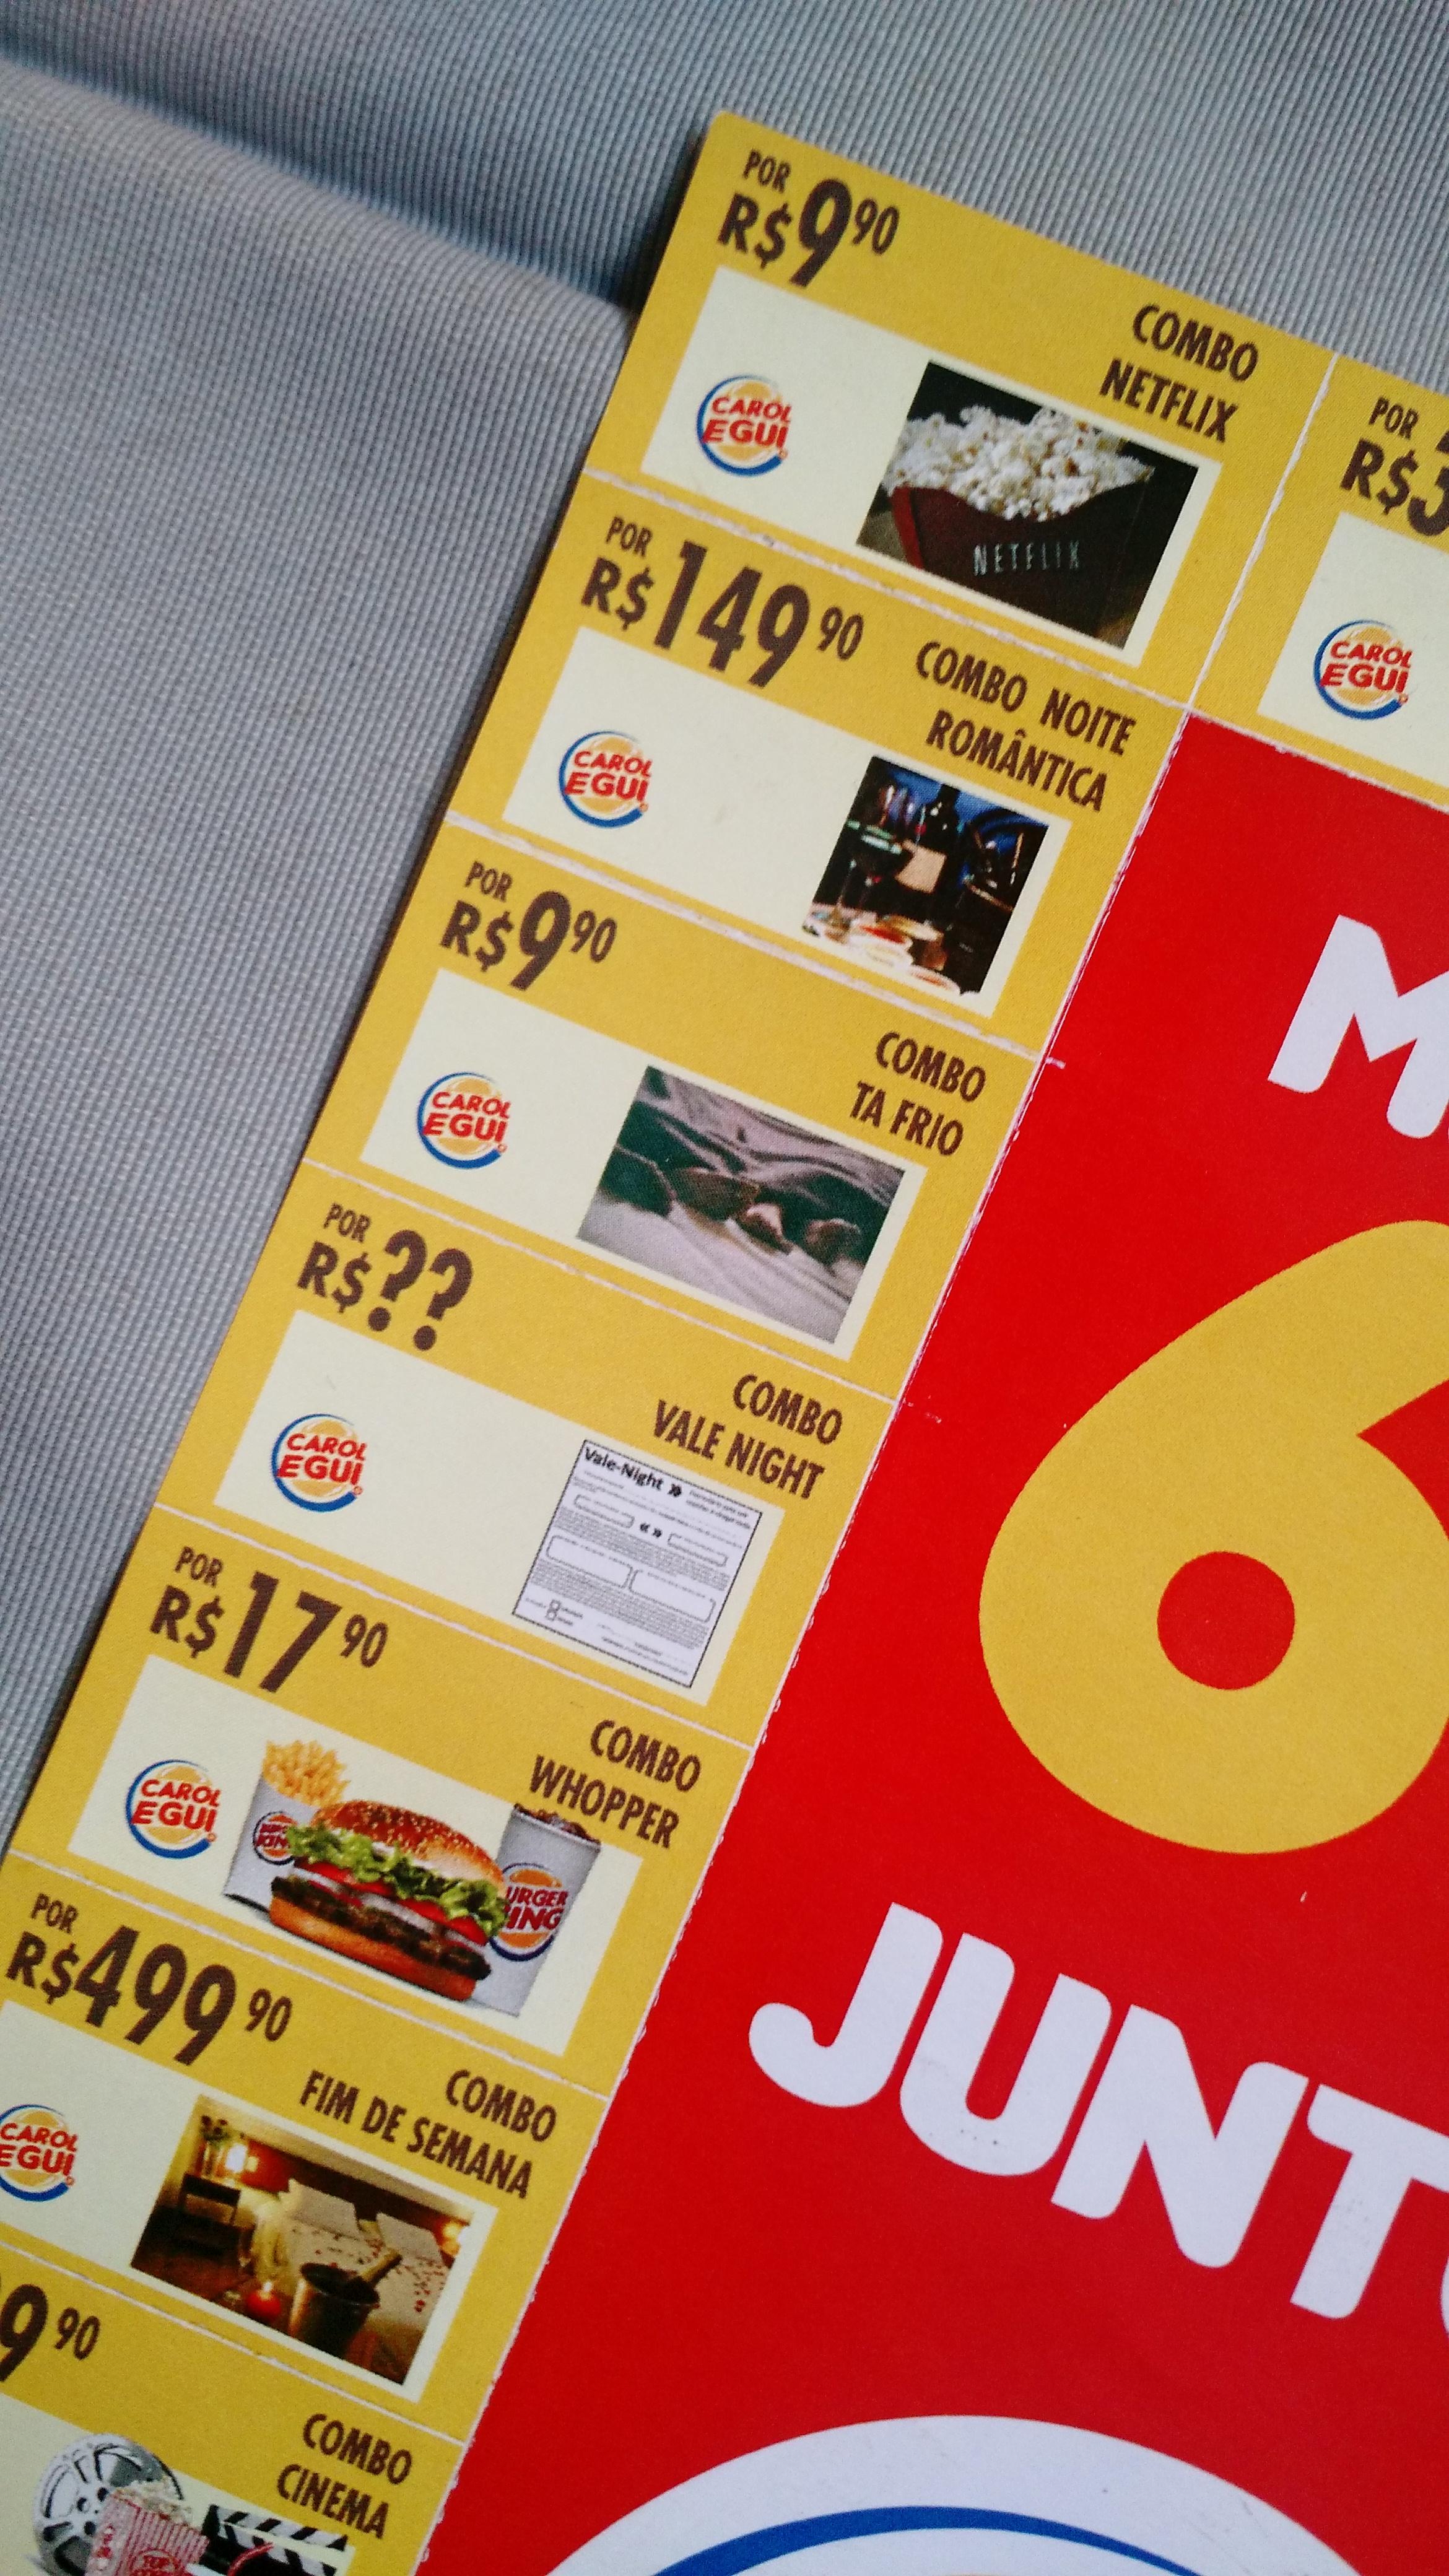 Amado Jovem faz pedido de namoro com cartela do Burger King AX03